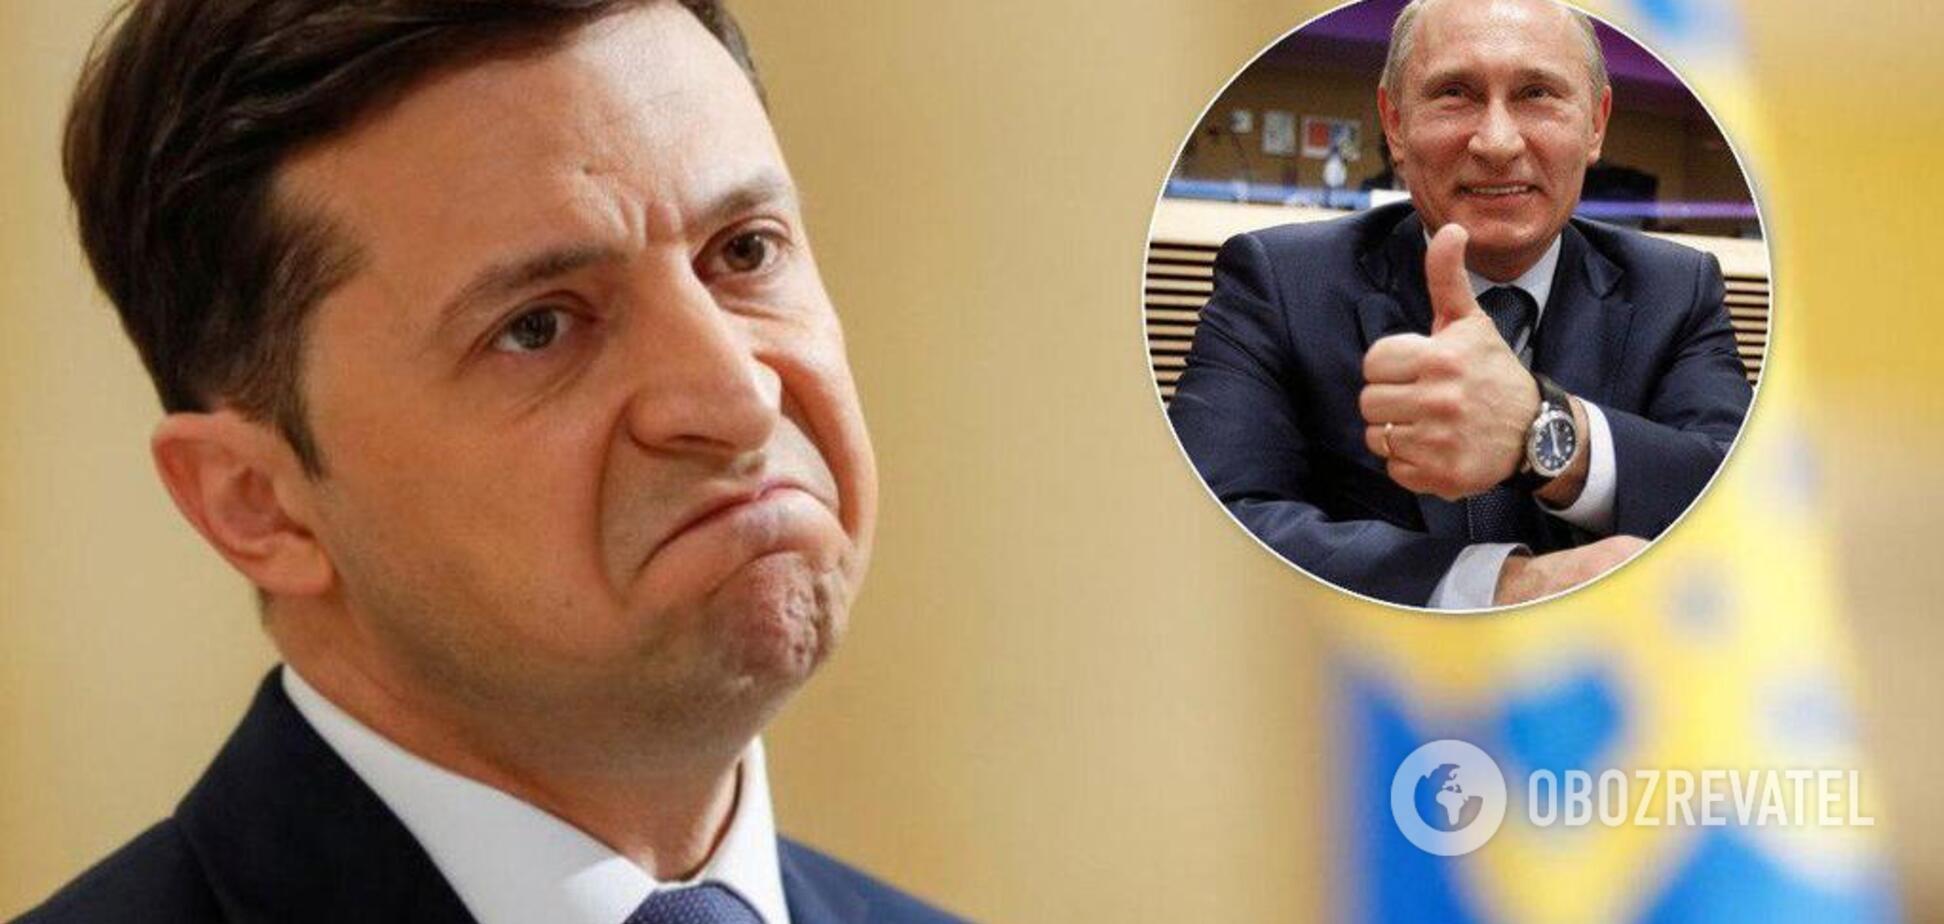 'Непередбачуване, але дрібне': експерт сказав, як Путін ставиться до Зеленського